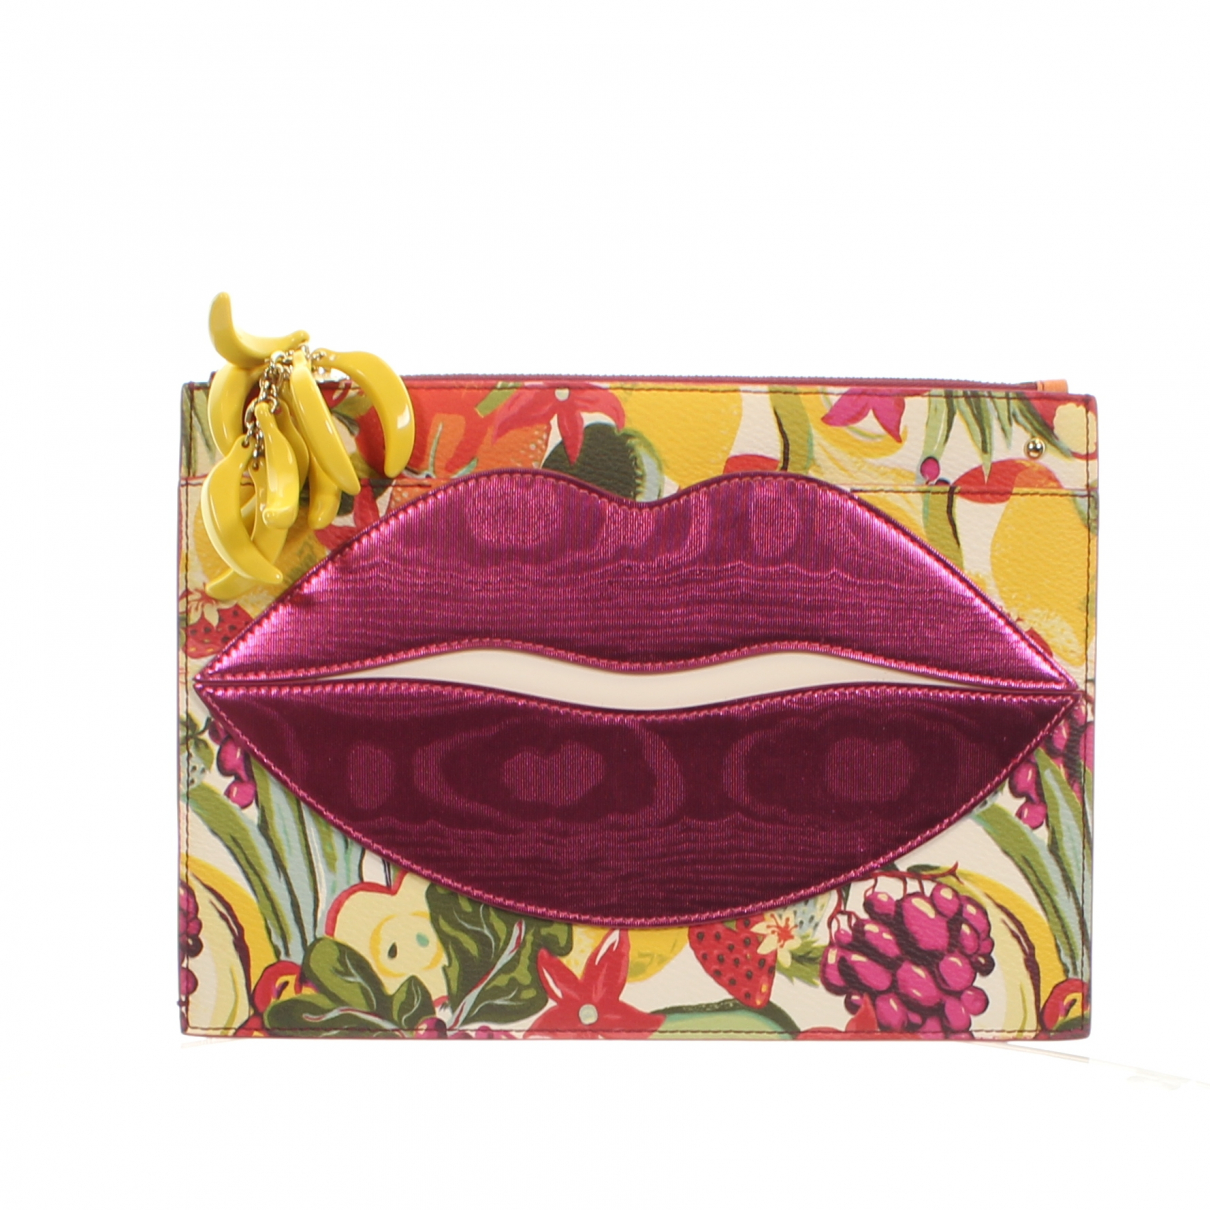 Charlotte Olympia - Portefeuille   pour femme en cuir - rose